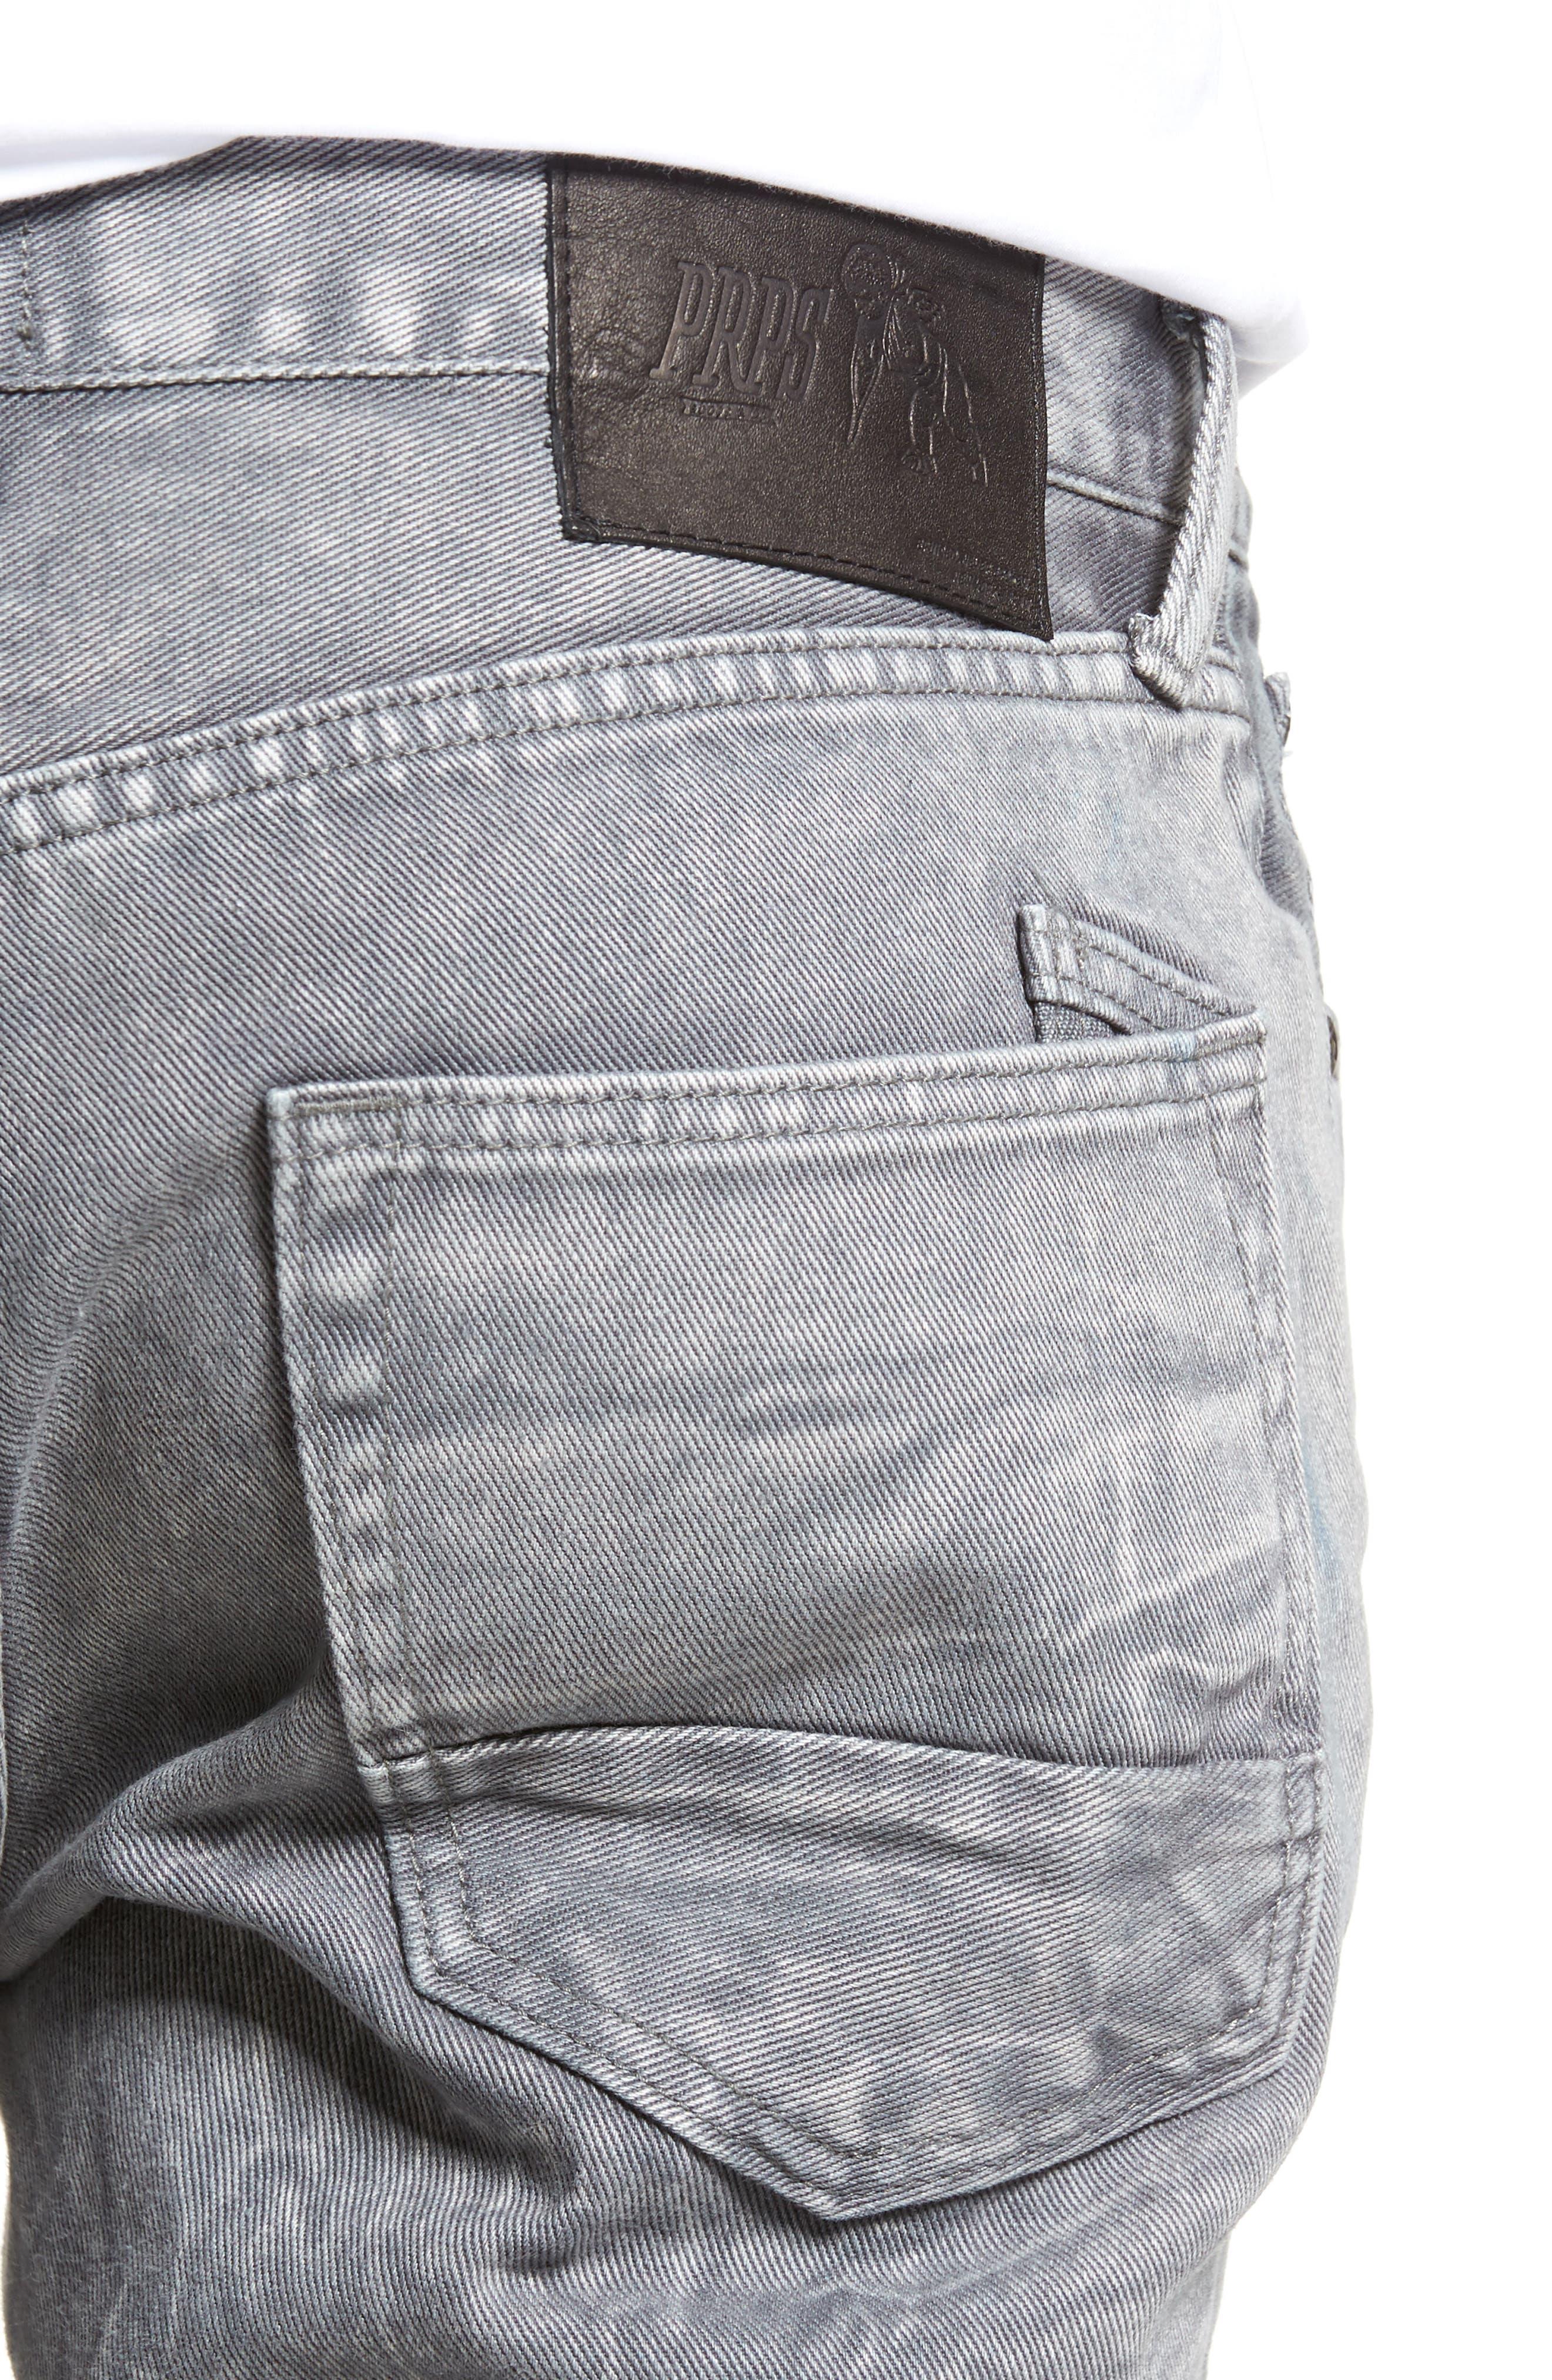 Slim Straight Leg Jeans,                             Alternate thumbnail 4, color,                             Stapes